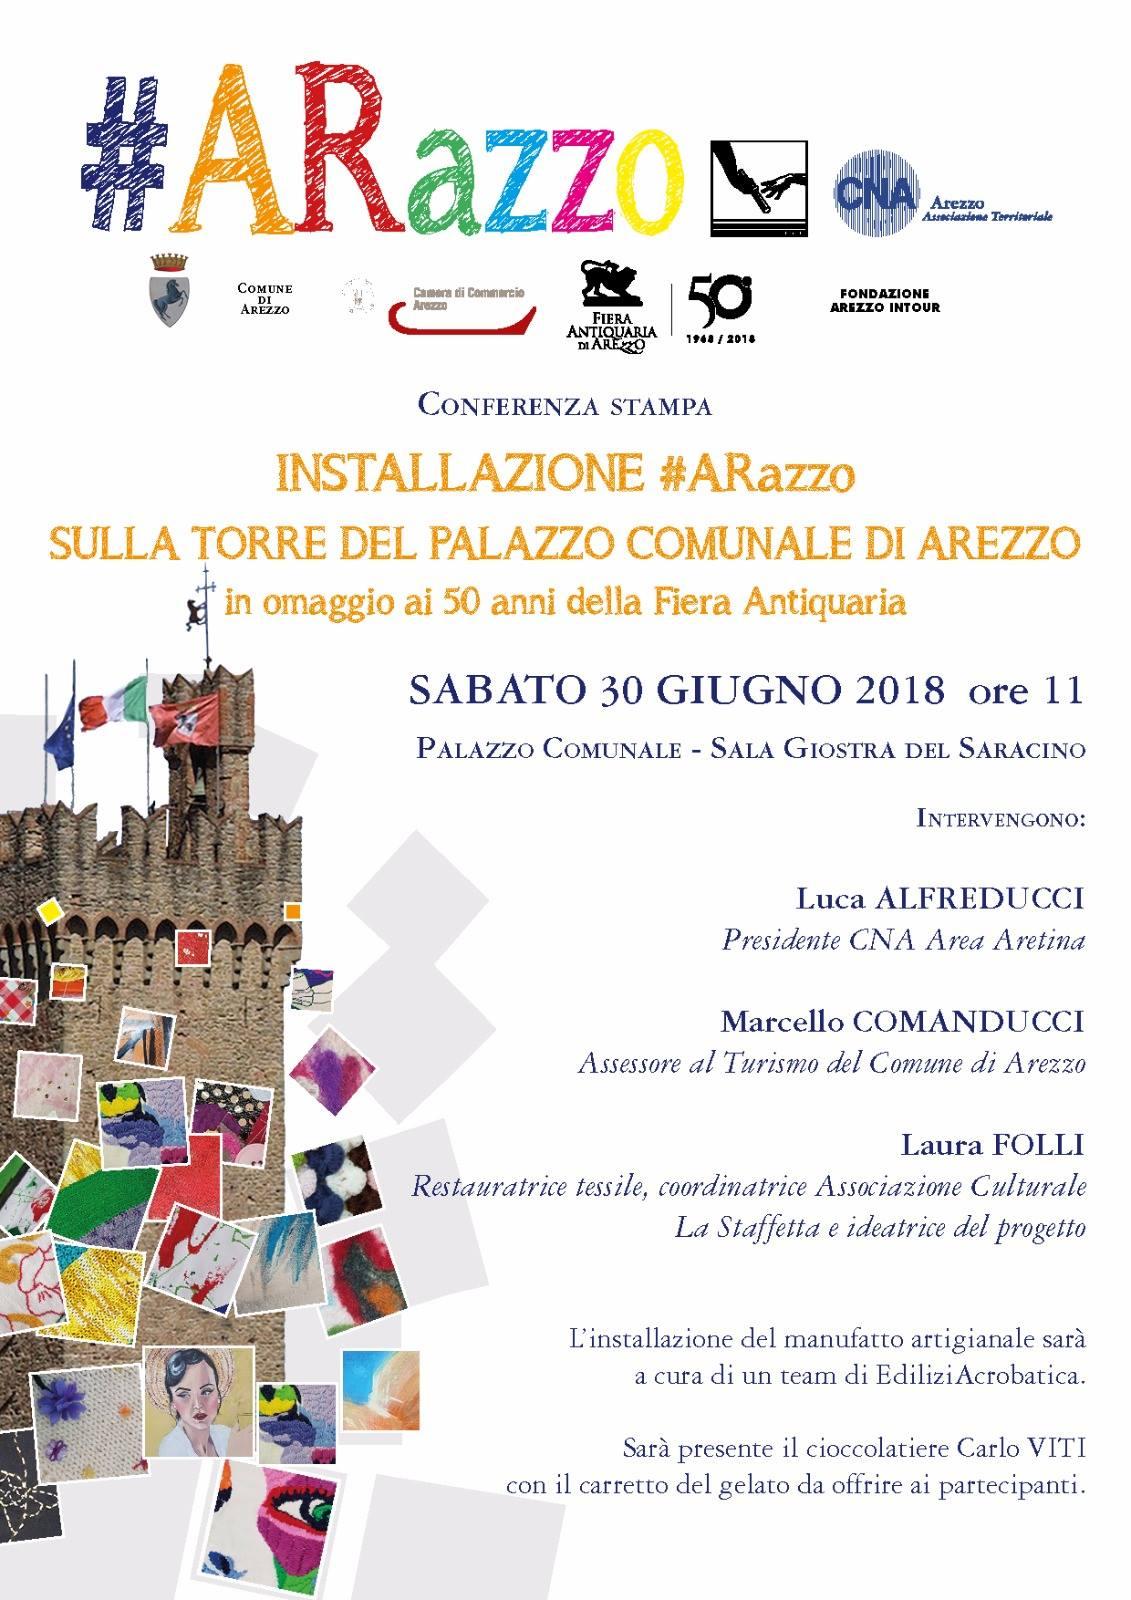 50° anniversario fiera antiquaria della città di Arezzo - 2018